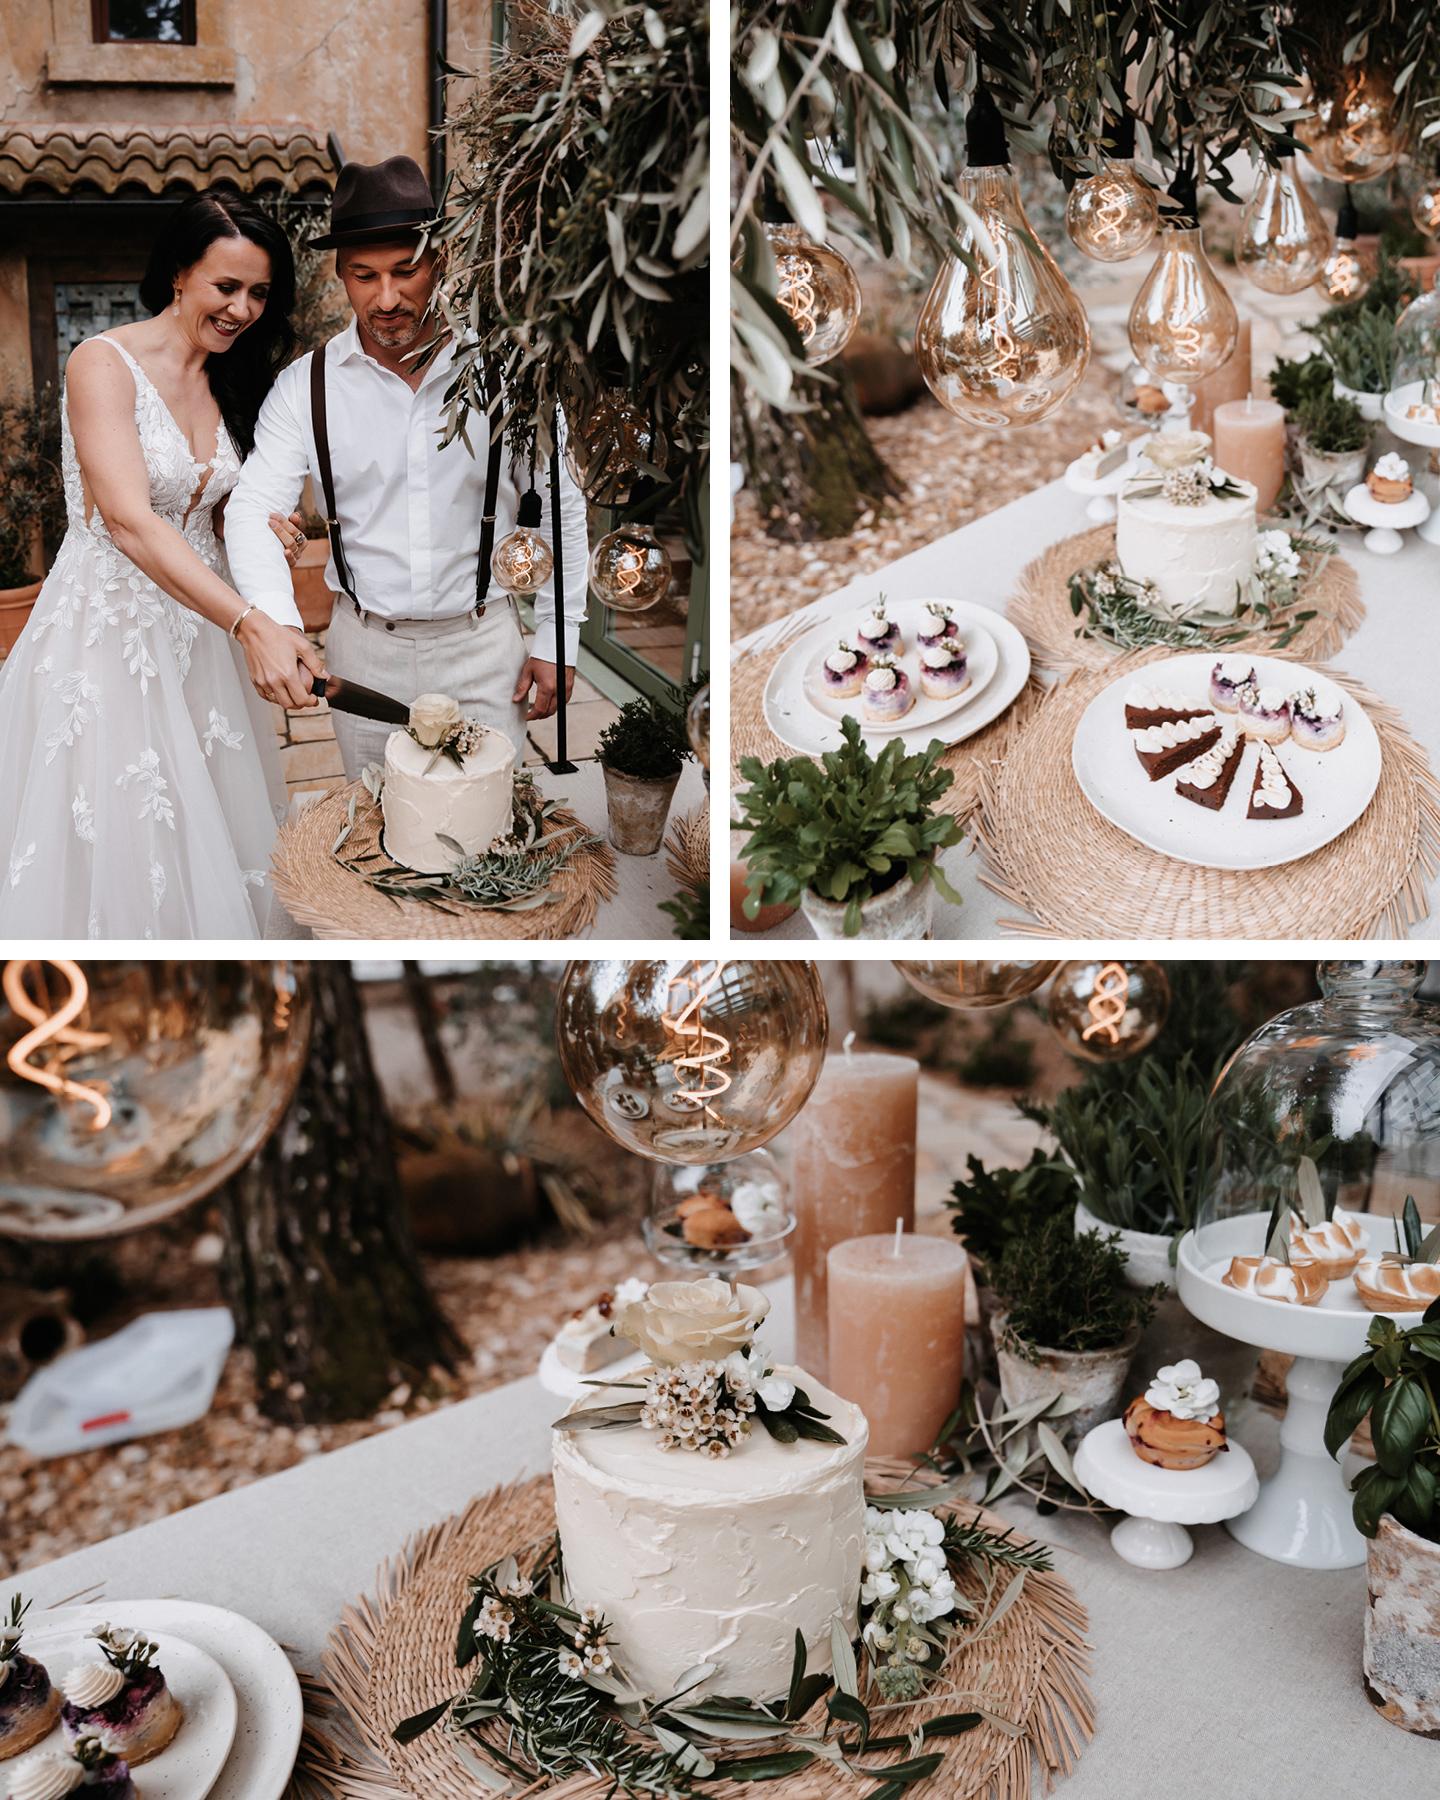 Brautpaar schneidet Boho Greenery Hochzeitstorte gemeinsam mit Messer an.